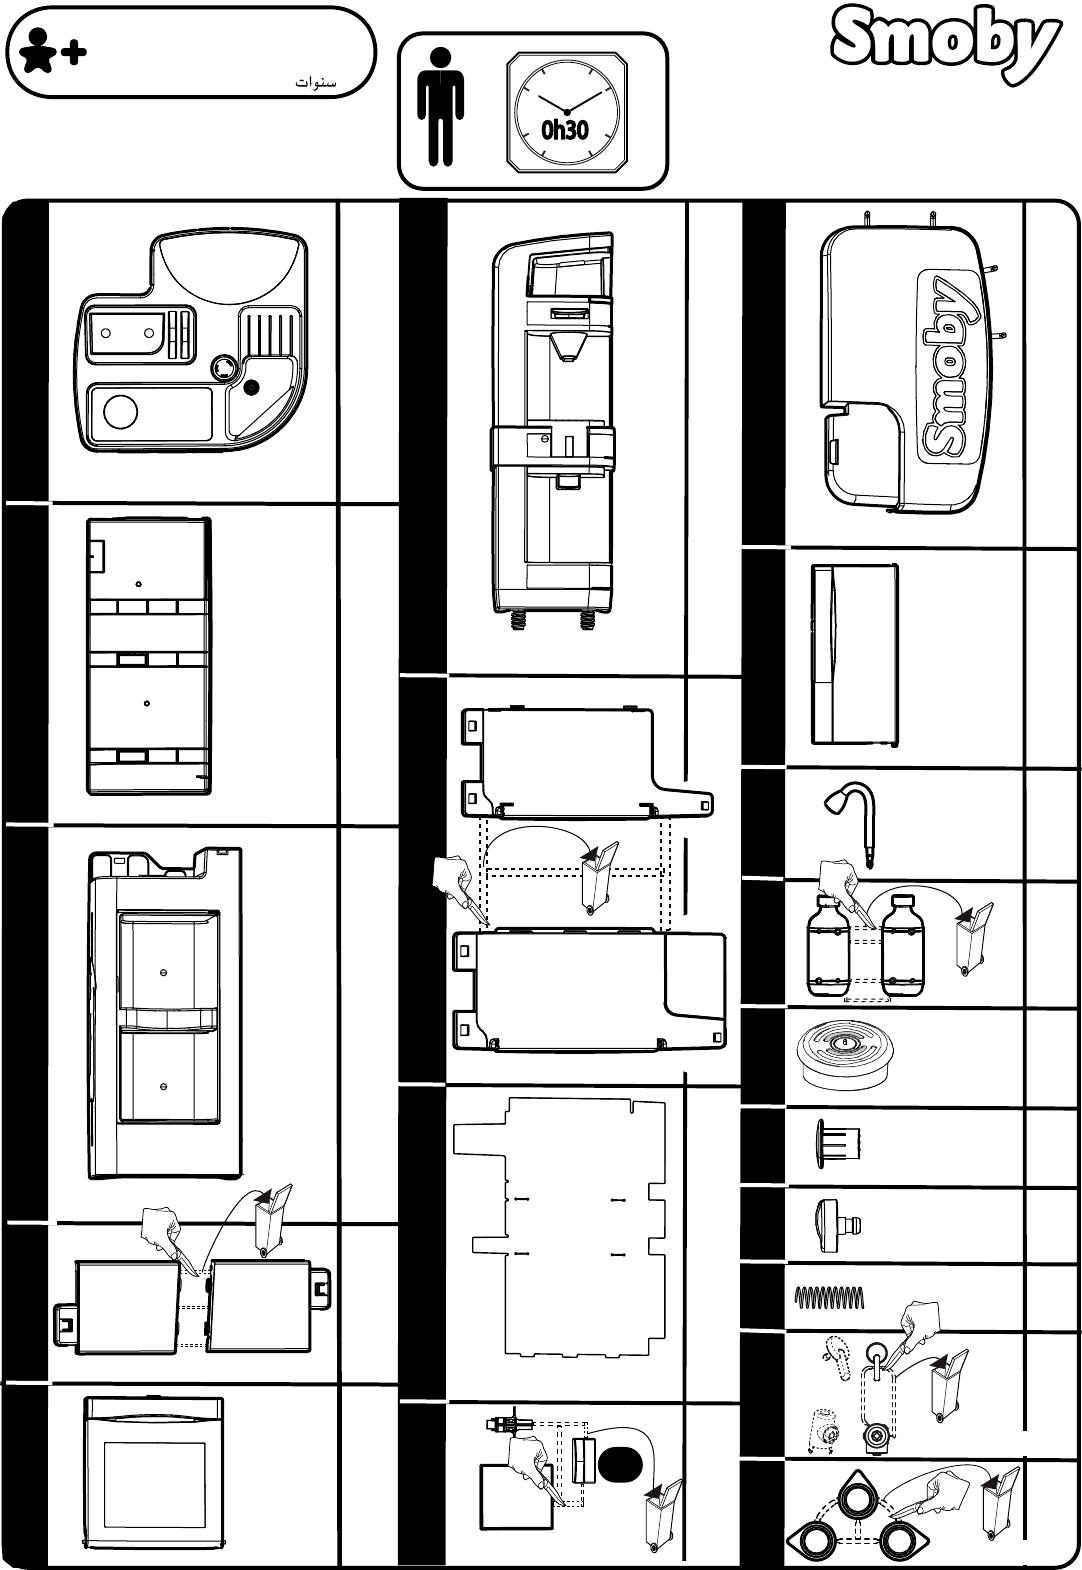 Instrukcja Obsługi Smoby Tefal Studio Kitchen 12 Stron